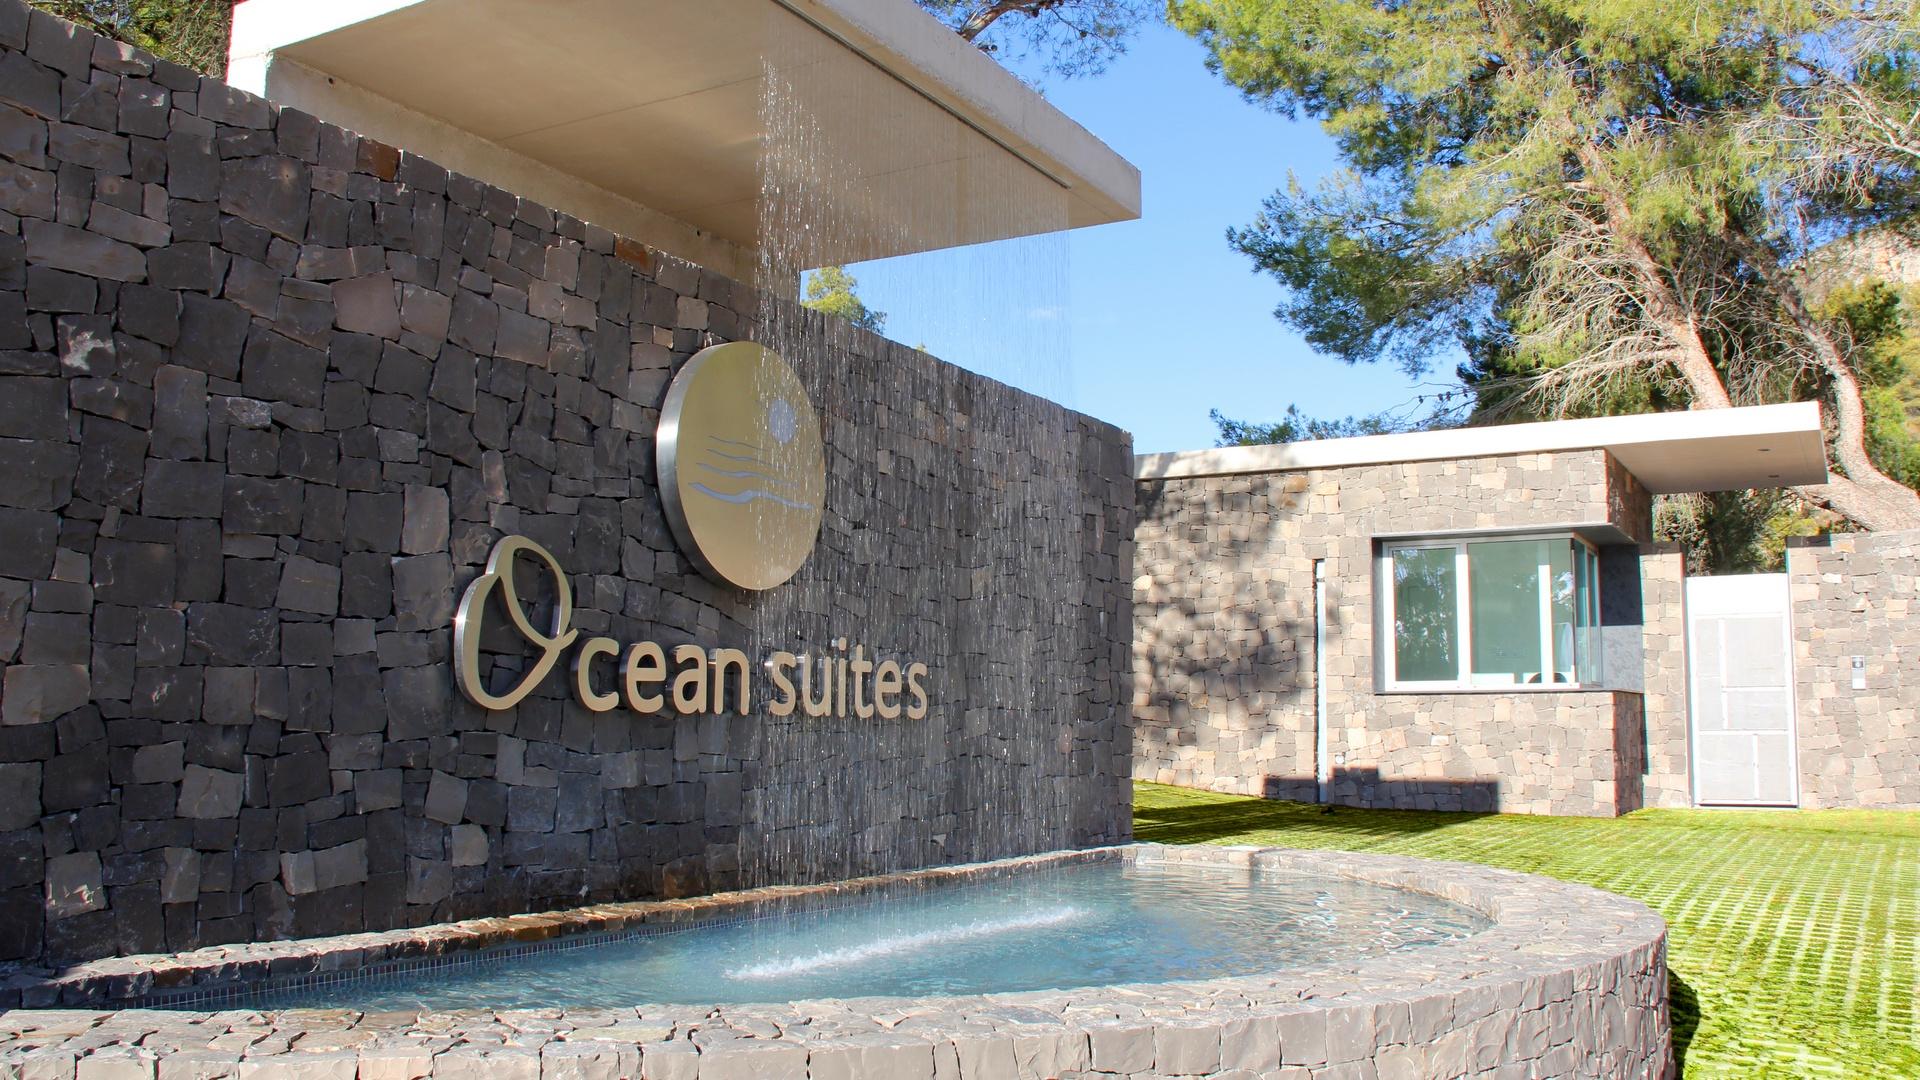 Appartement ocean suite altea acheter ou louer une for Acheter une maison a alicante